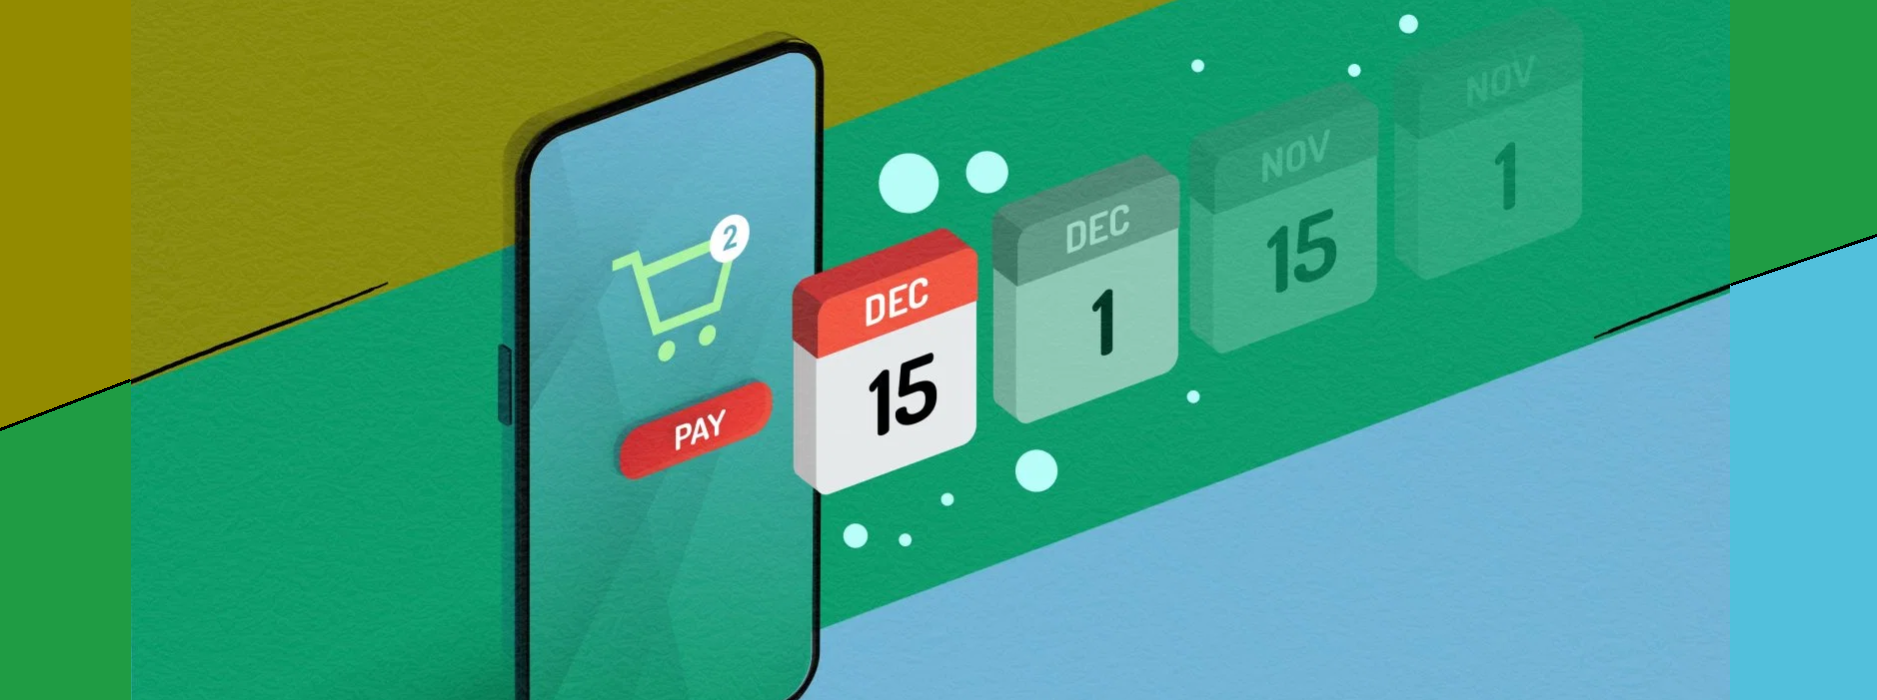 Raty w Twoim sklepie internetowym - zwiększ swoje zyski, dzięki sprzedaży ratalnej